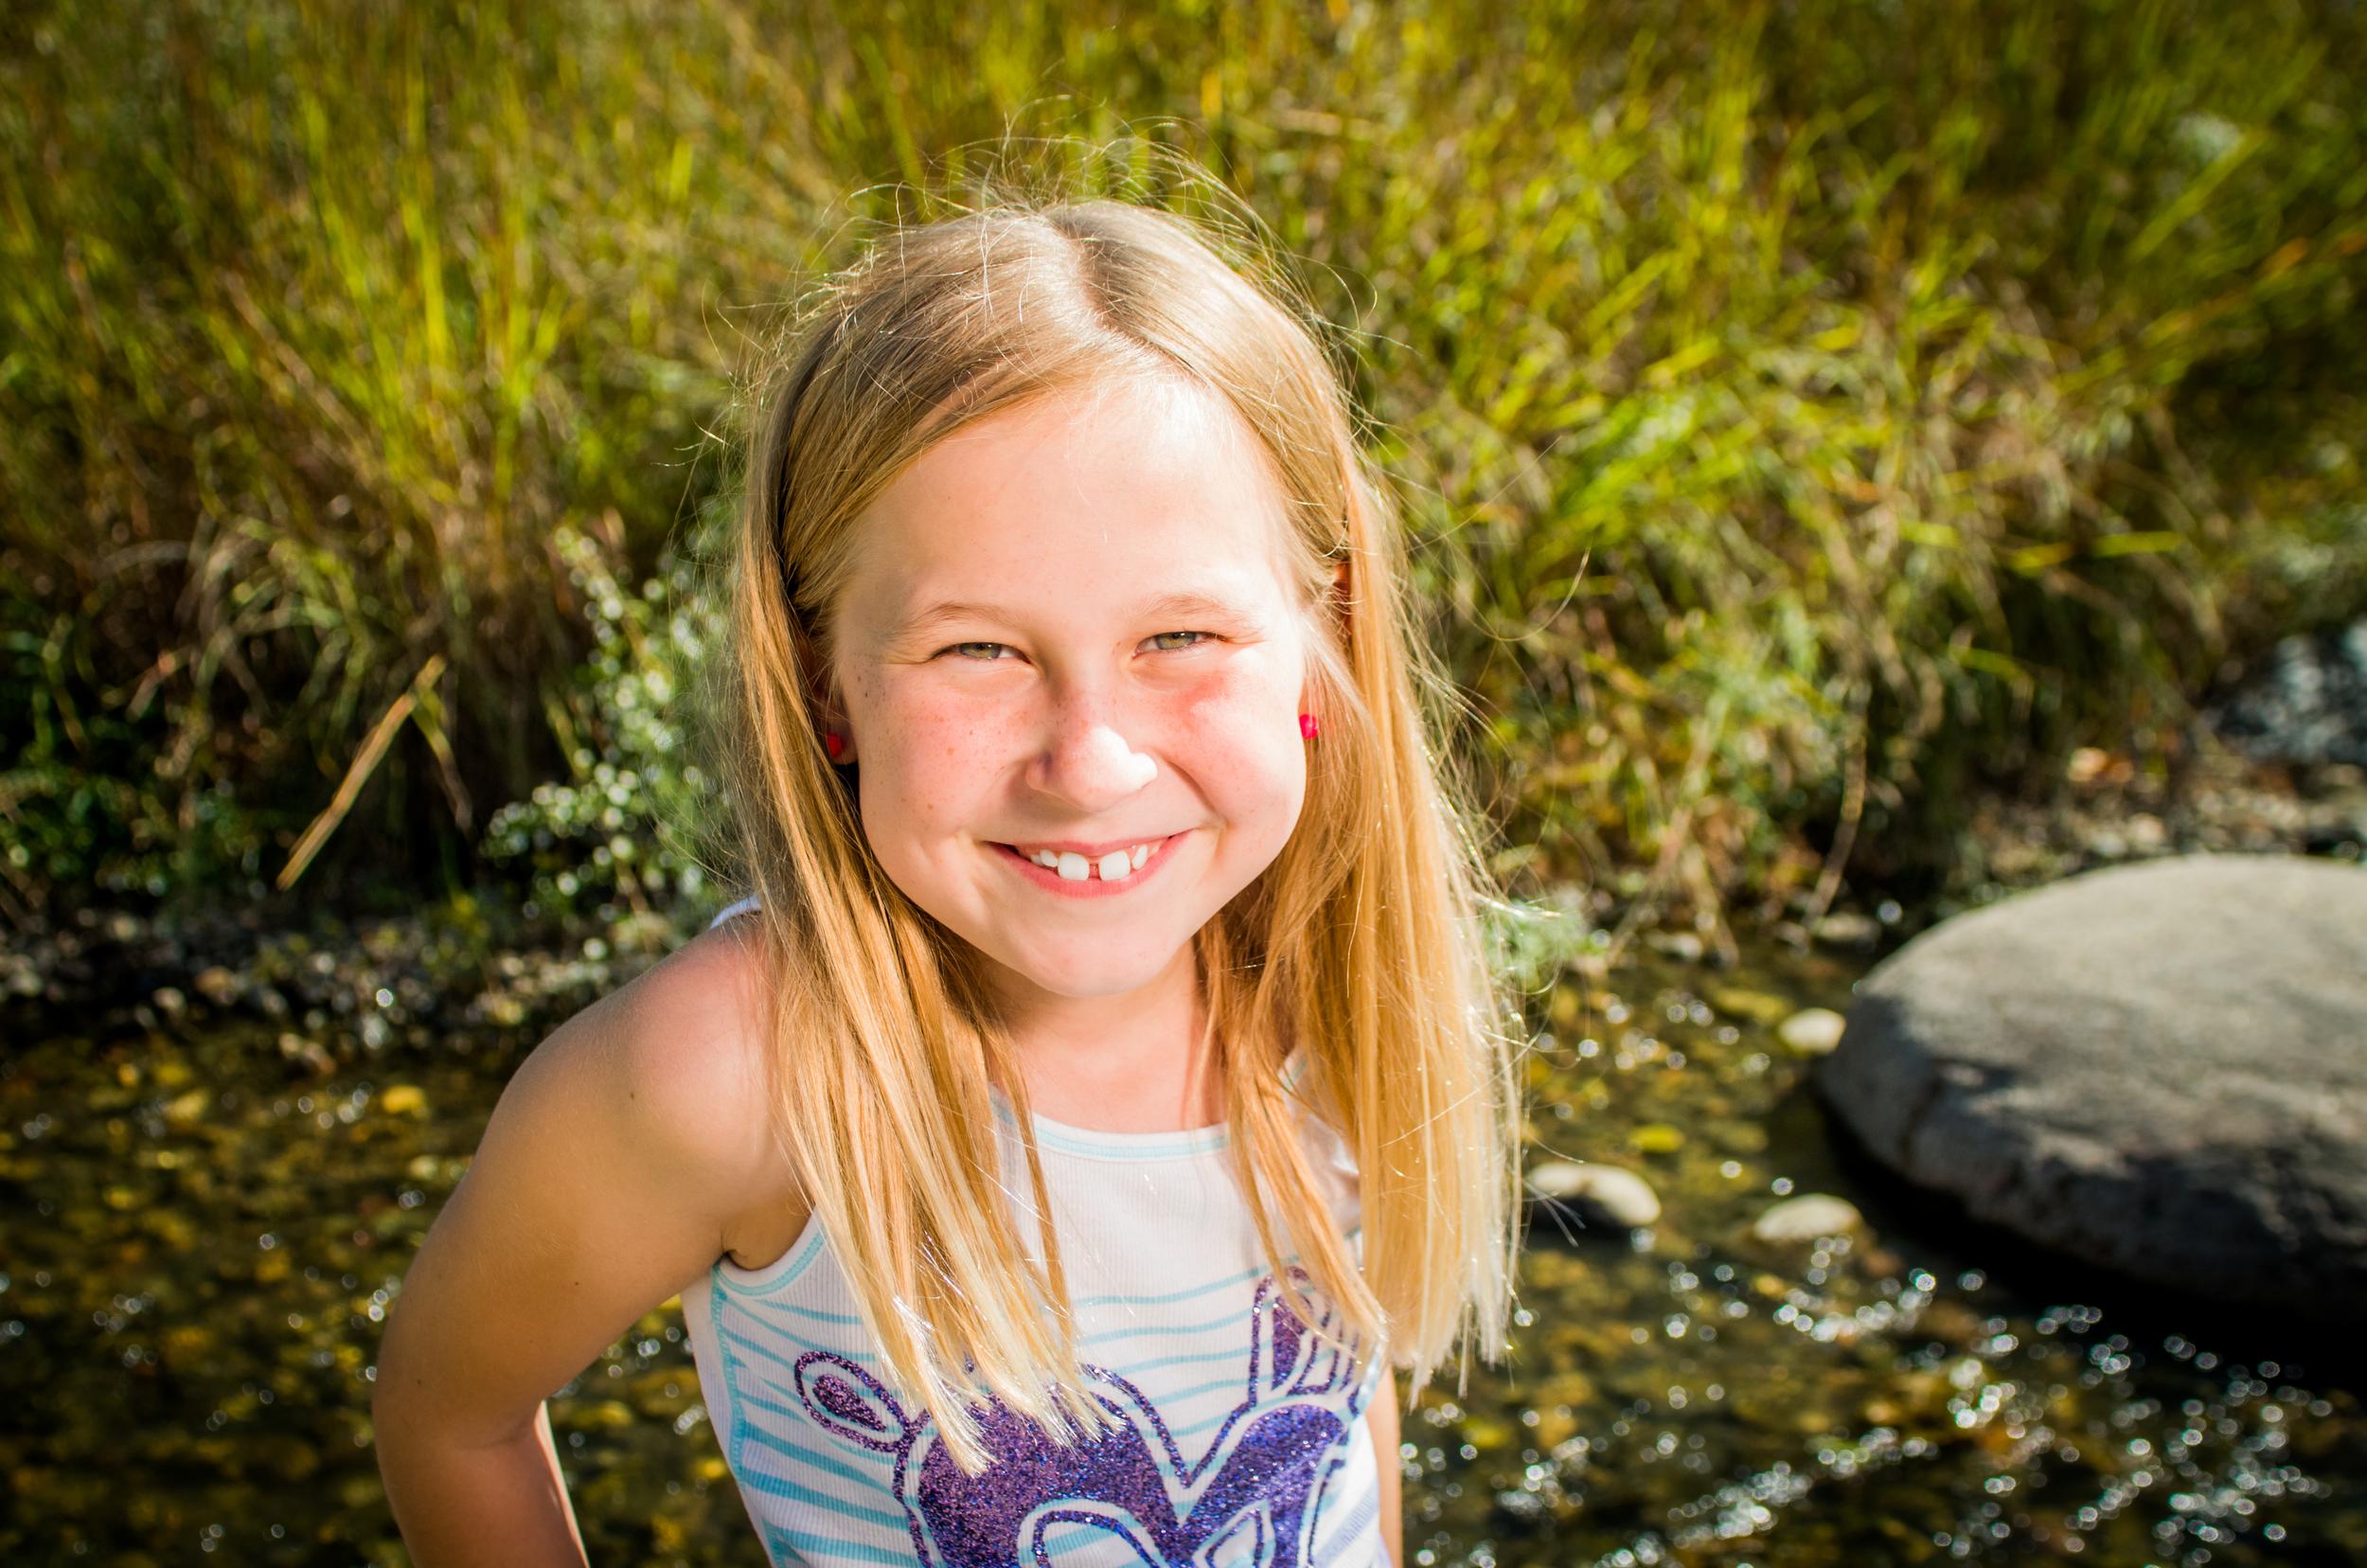 20130929-Mia Practice Portraits-PMG_9169.jpg